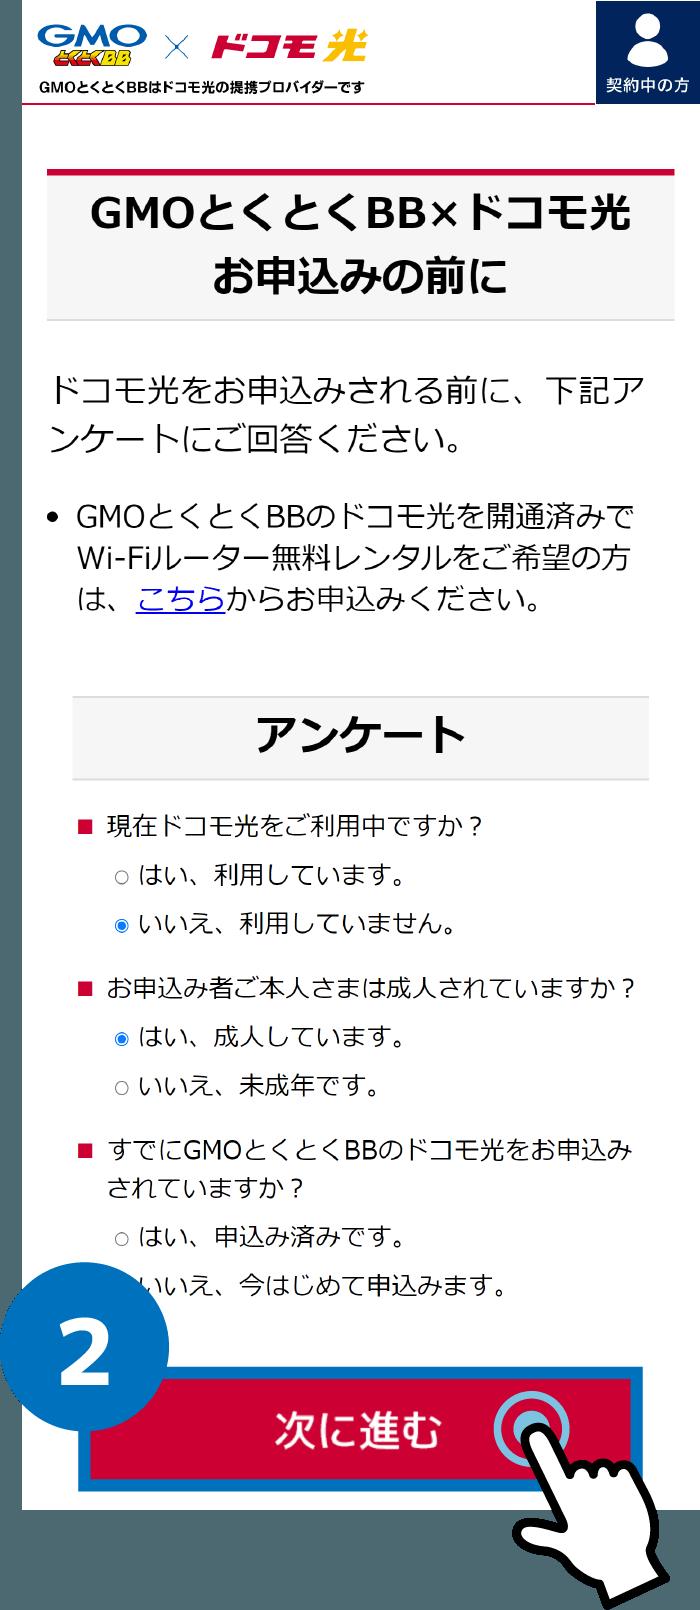 スマホ版:ドコモ光(GMOとくとくBB)の申し込み手順2